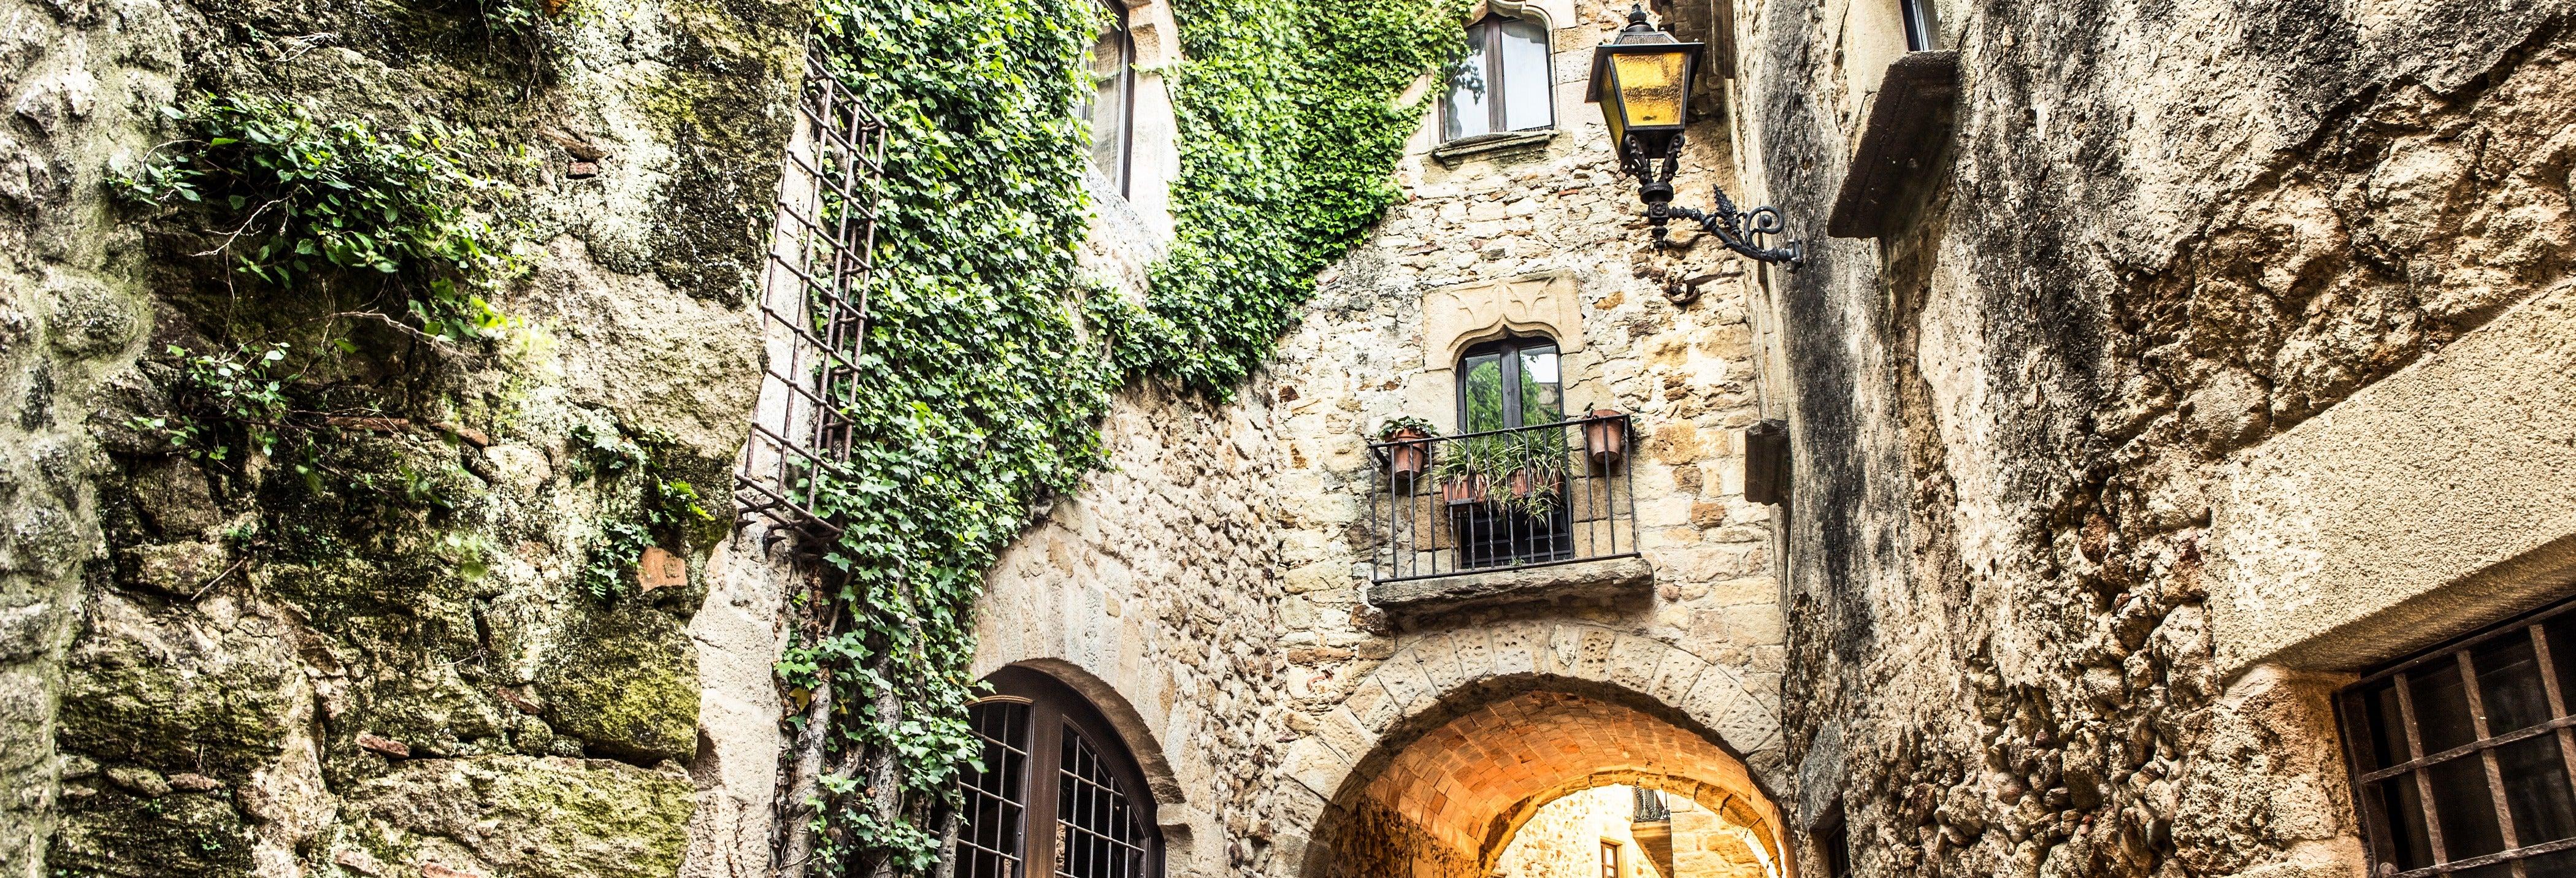 Tour por la Costa Brava y sus pueblos medievales